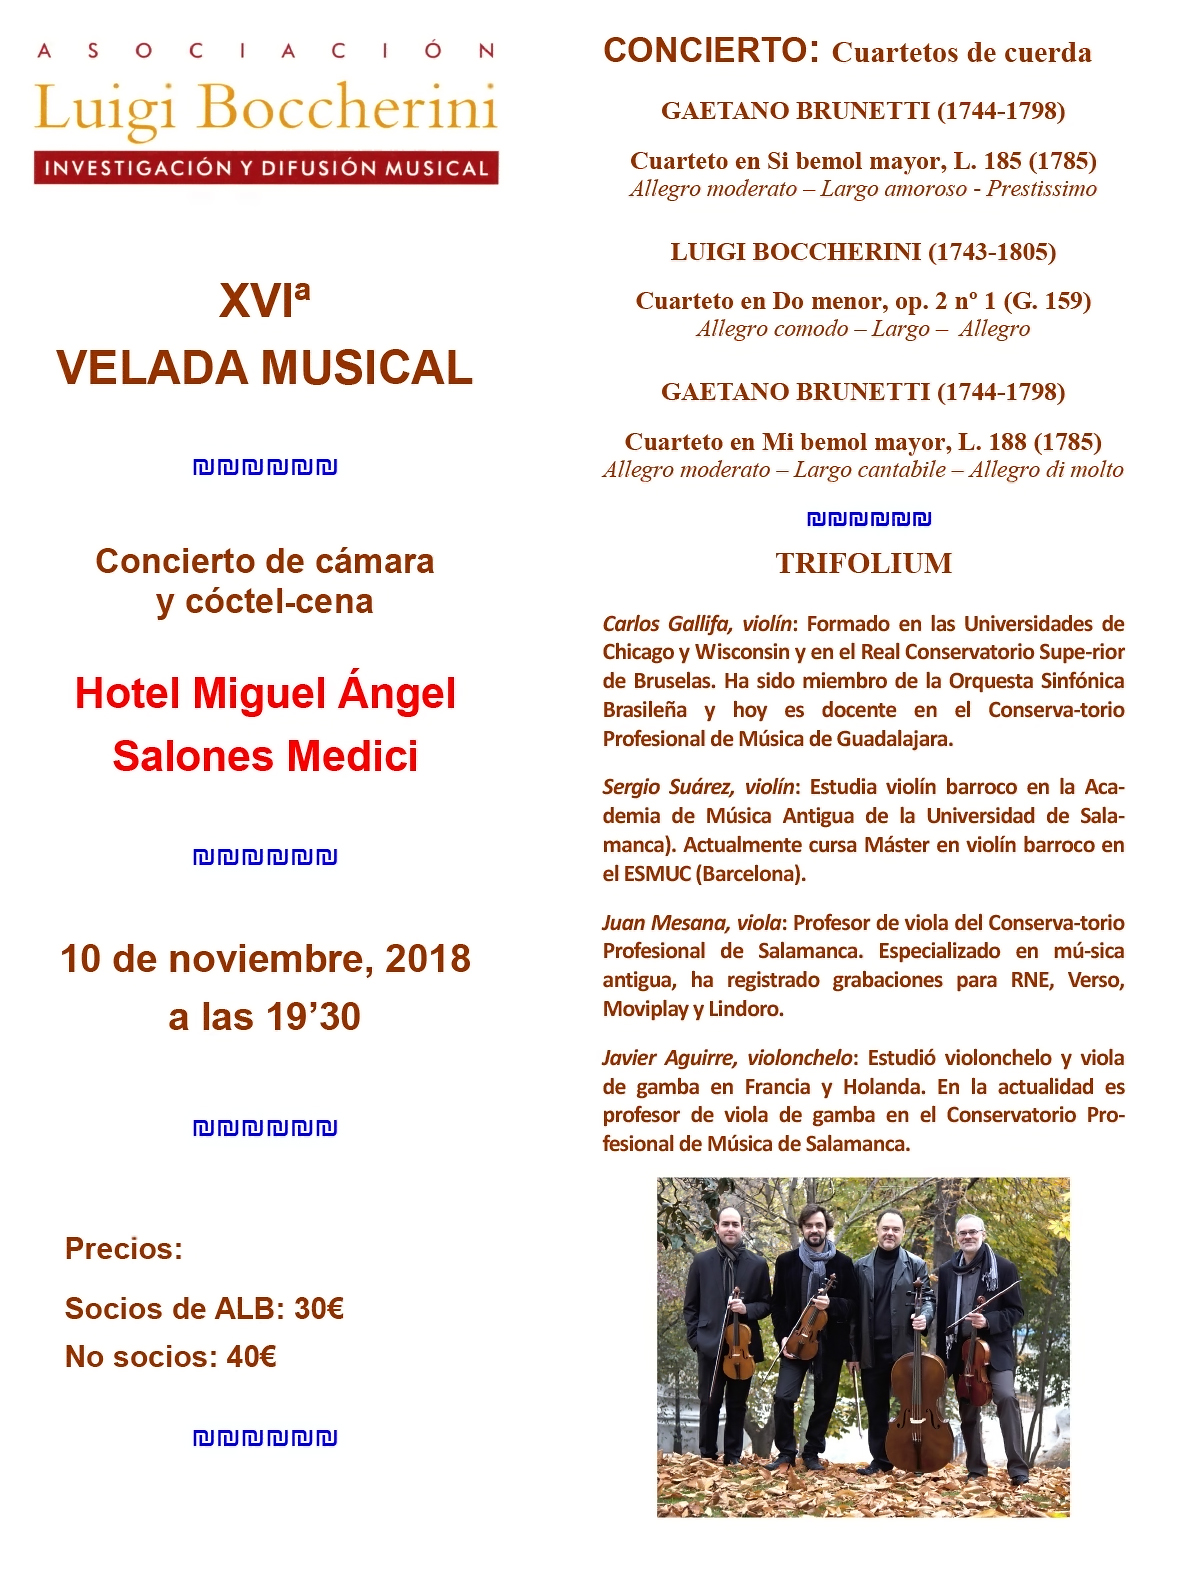 Velada Musical Madrid ALB - Festivales Boccherini